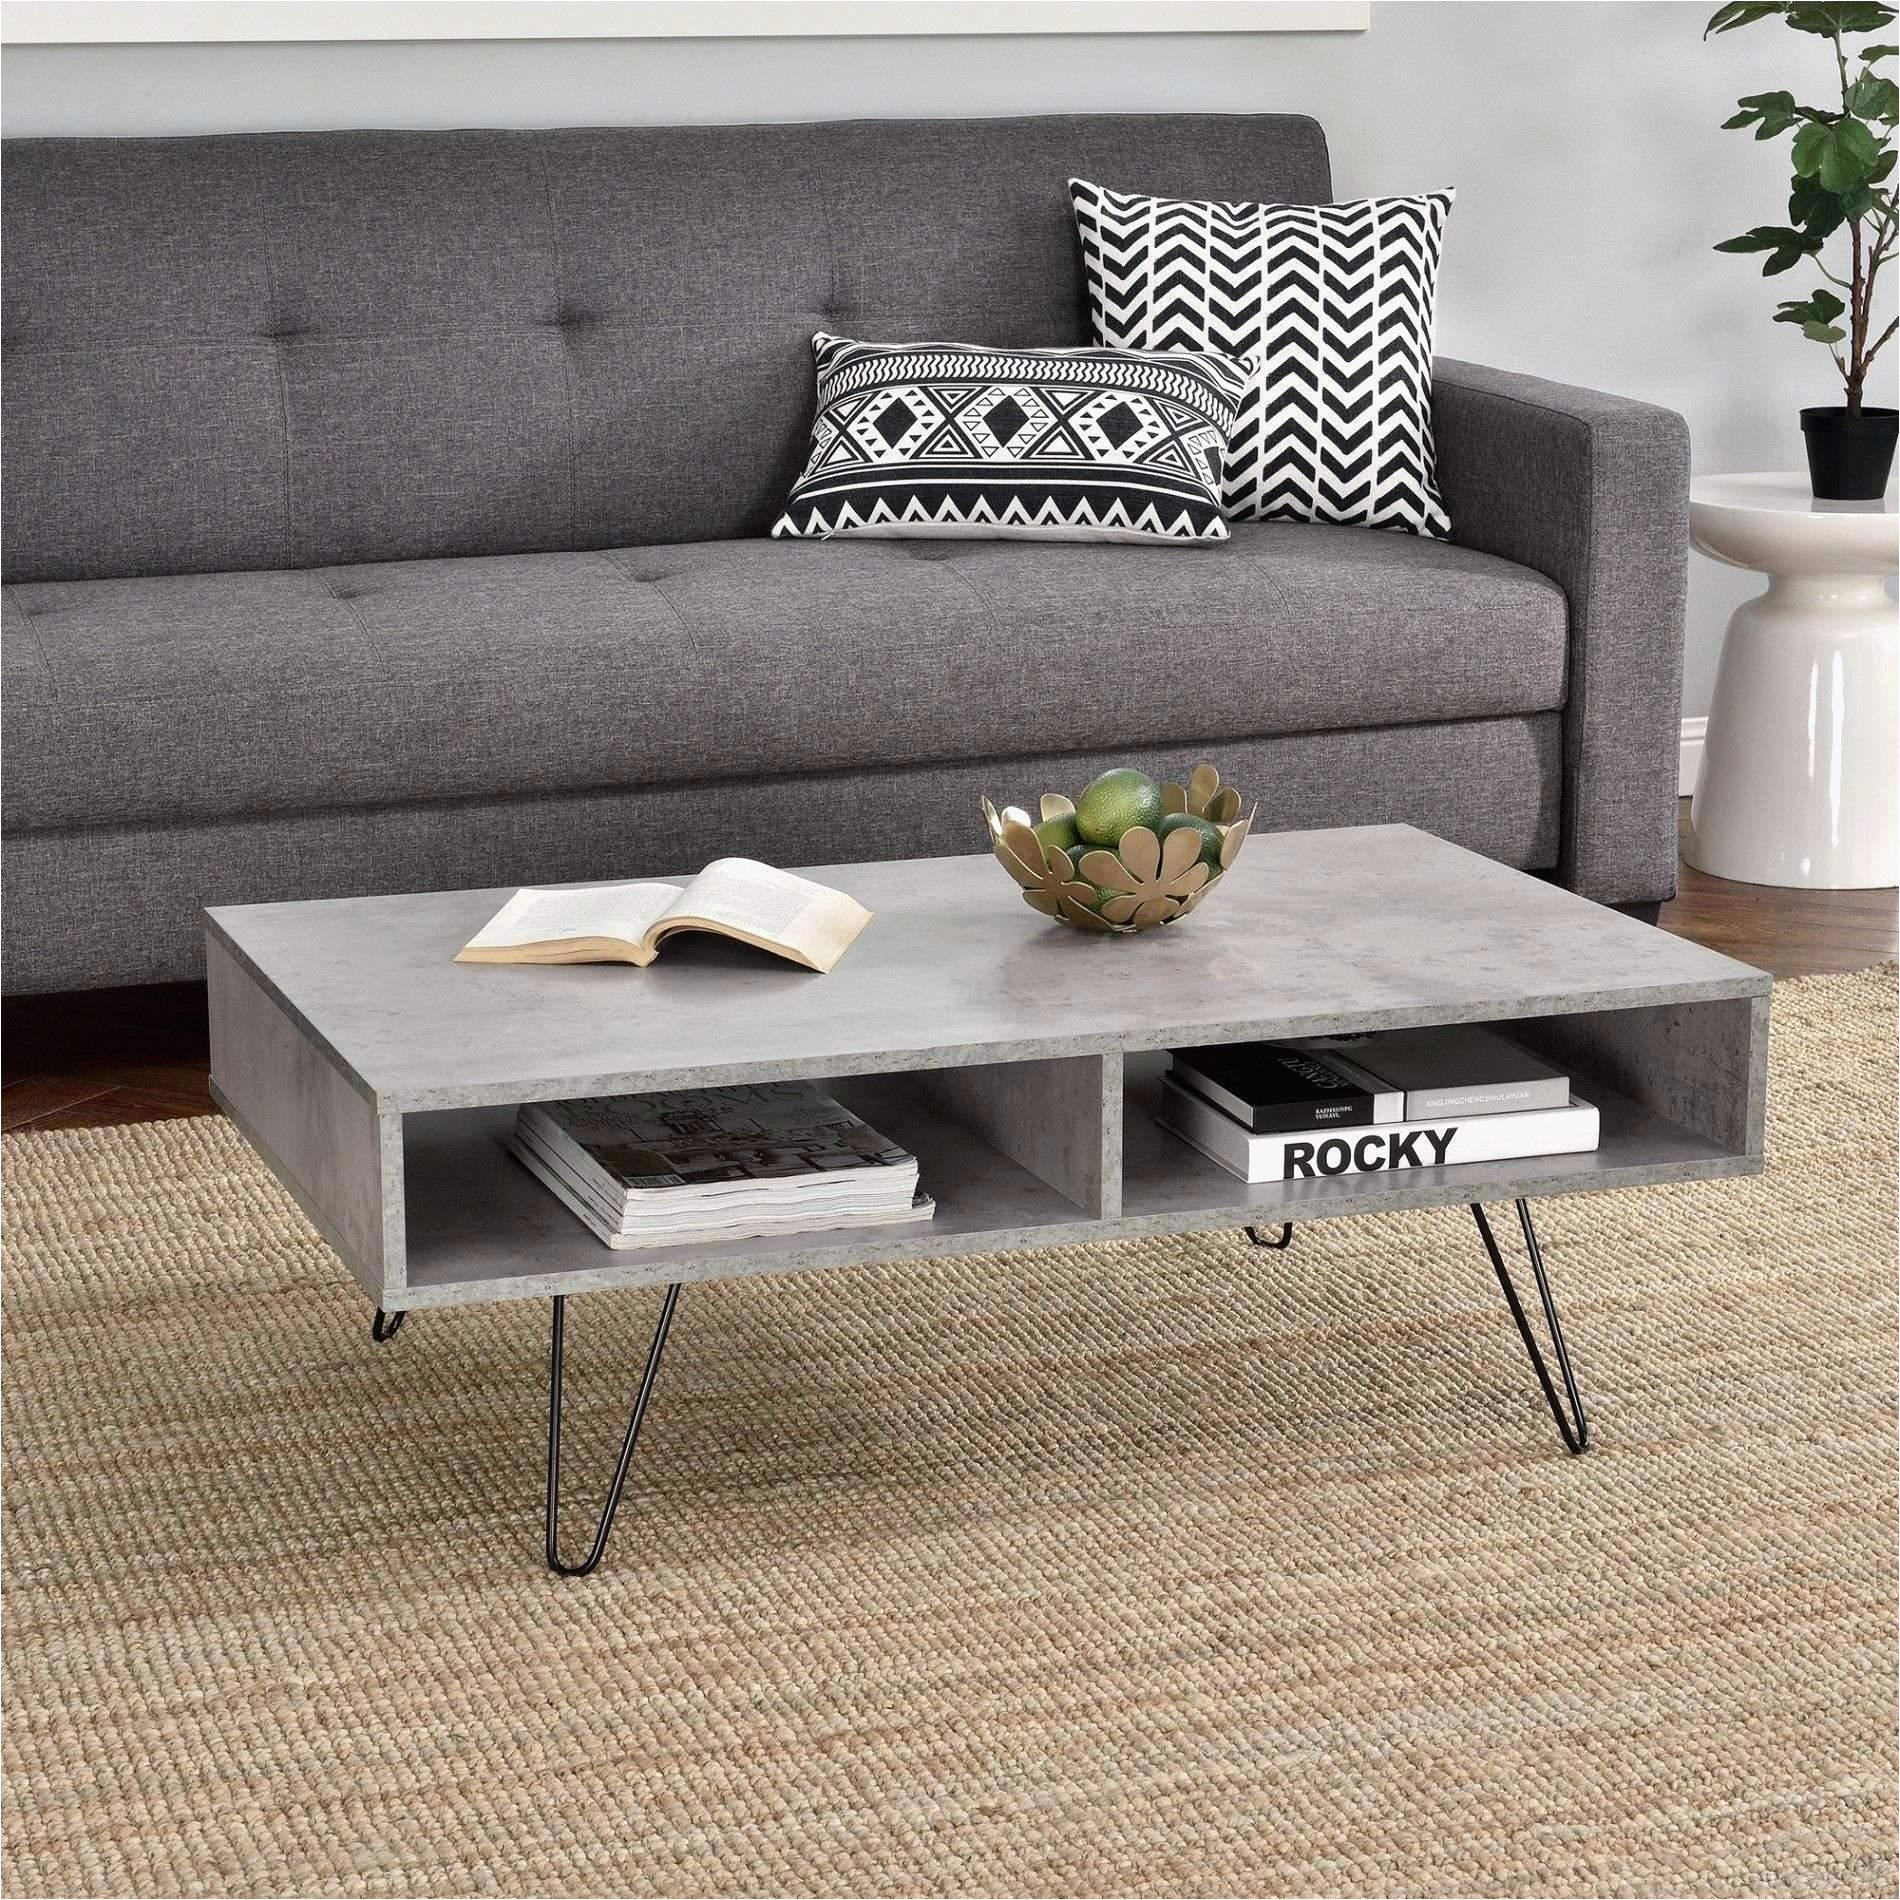 sofa wohnzimmer elegant inspiration wohnzimmer 0d of sofa wohnzimmer